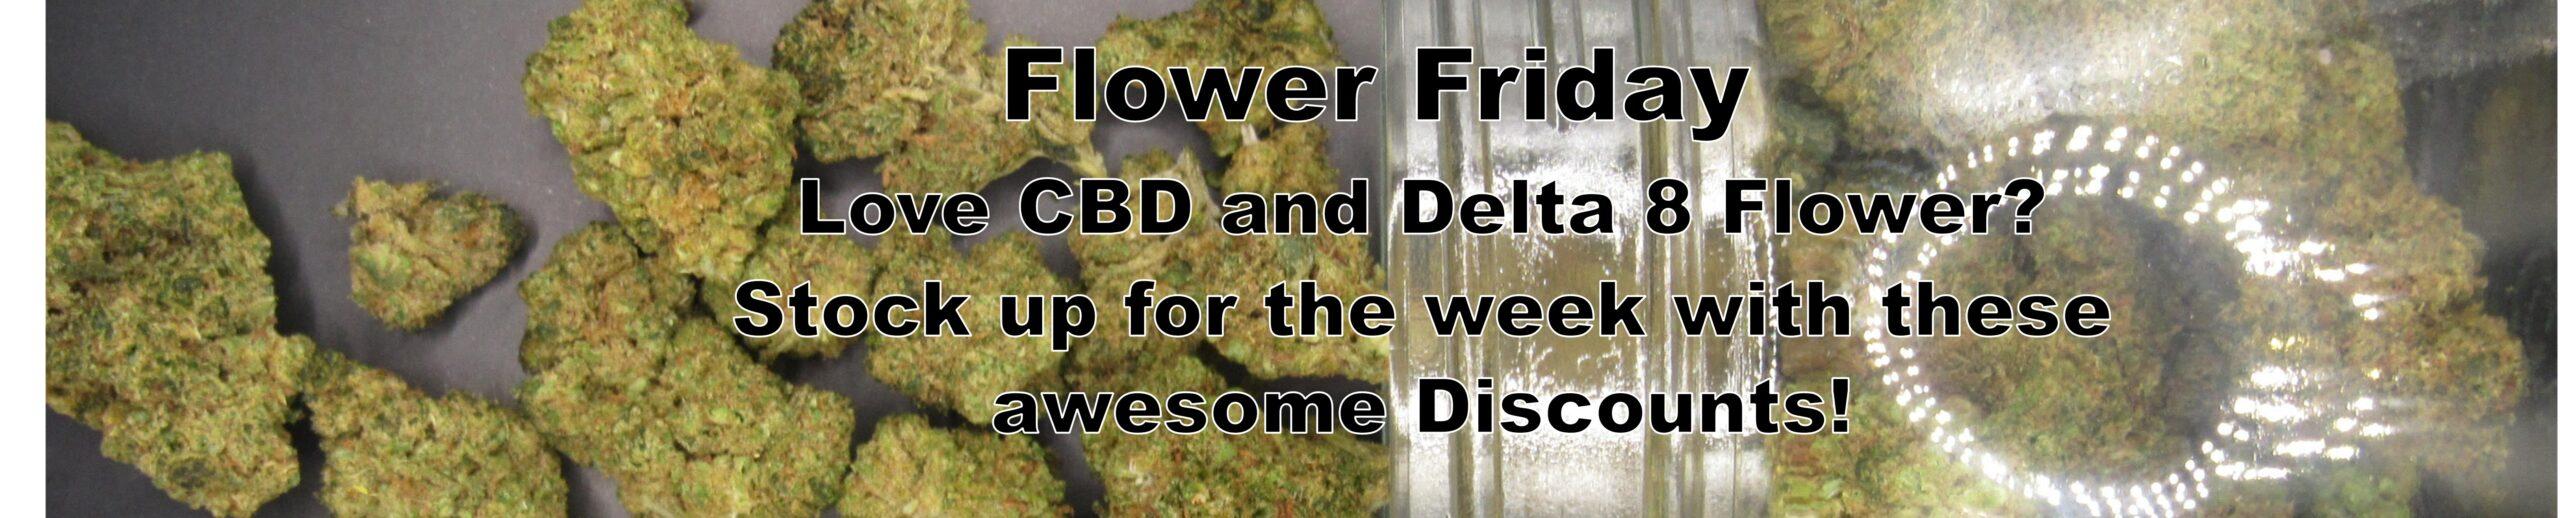 Flower Friday 2